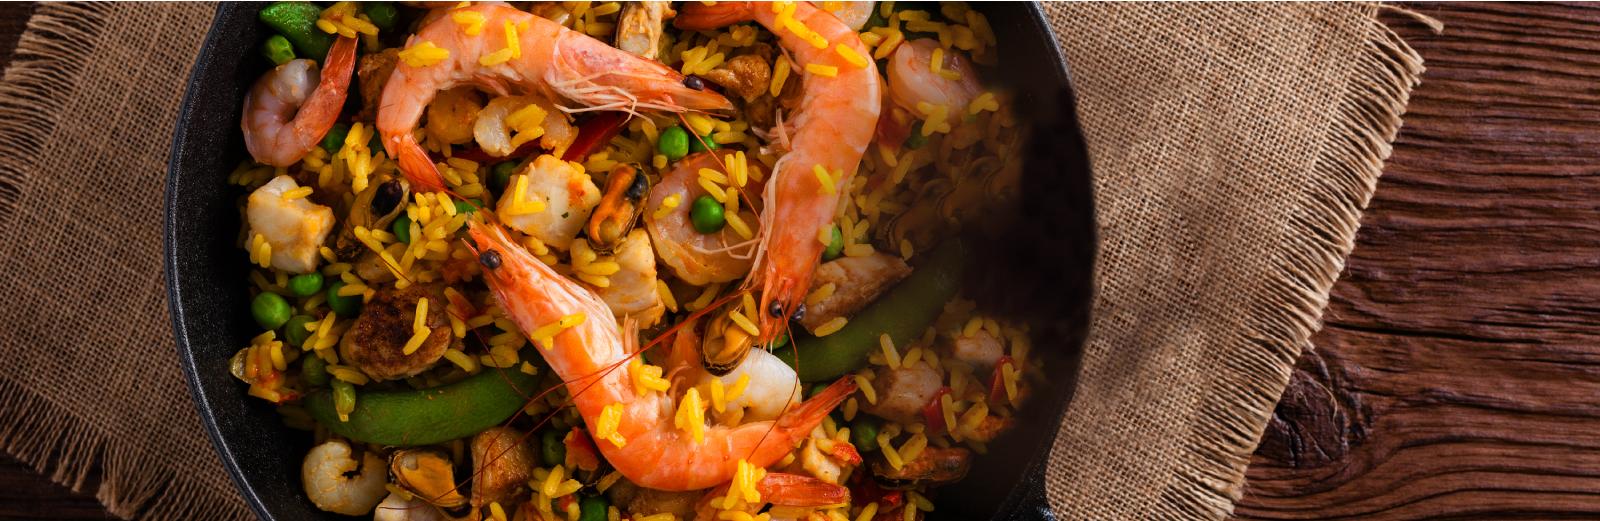 banner-peixe-gourmet